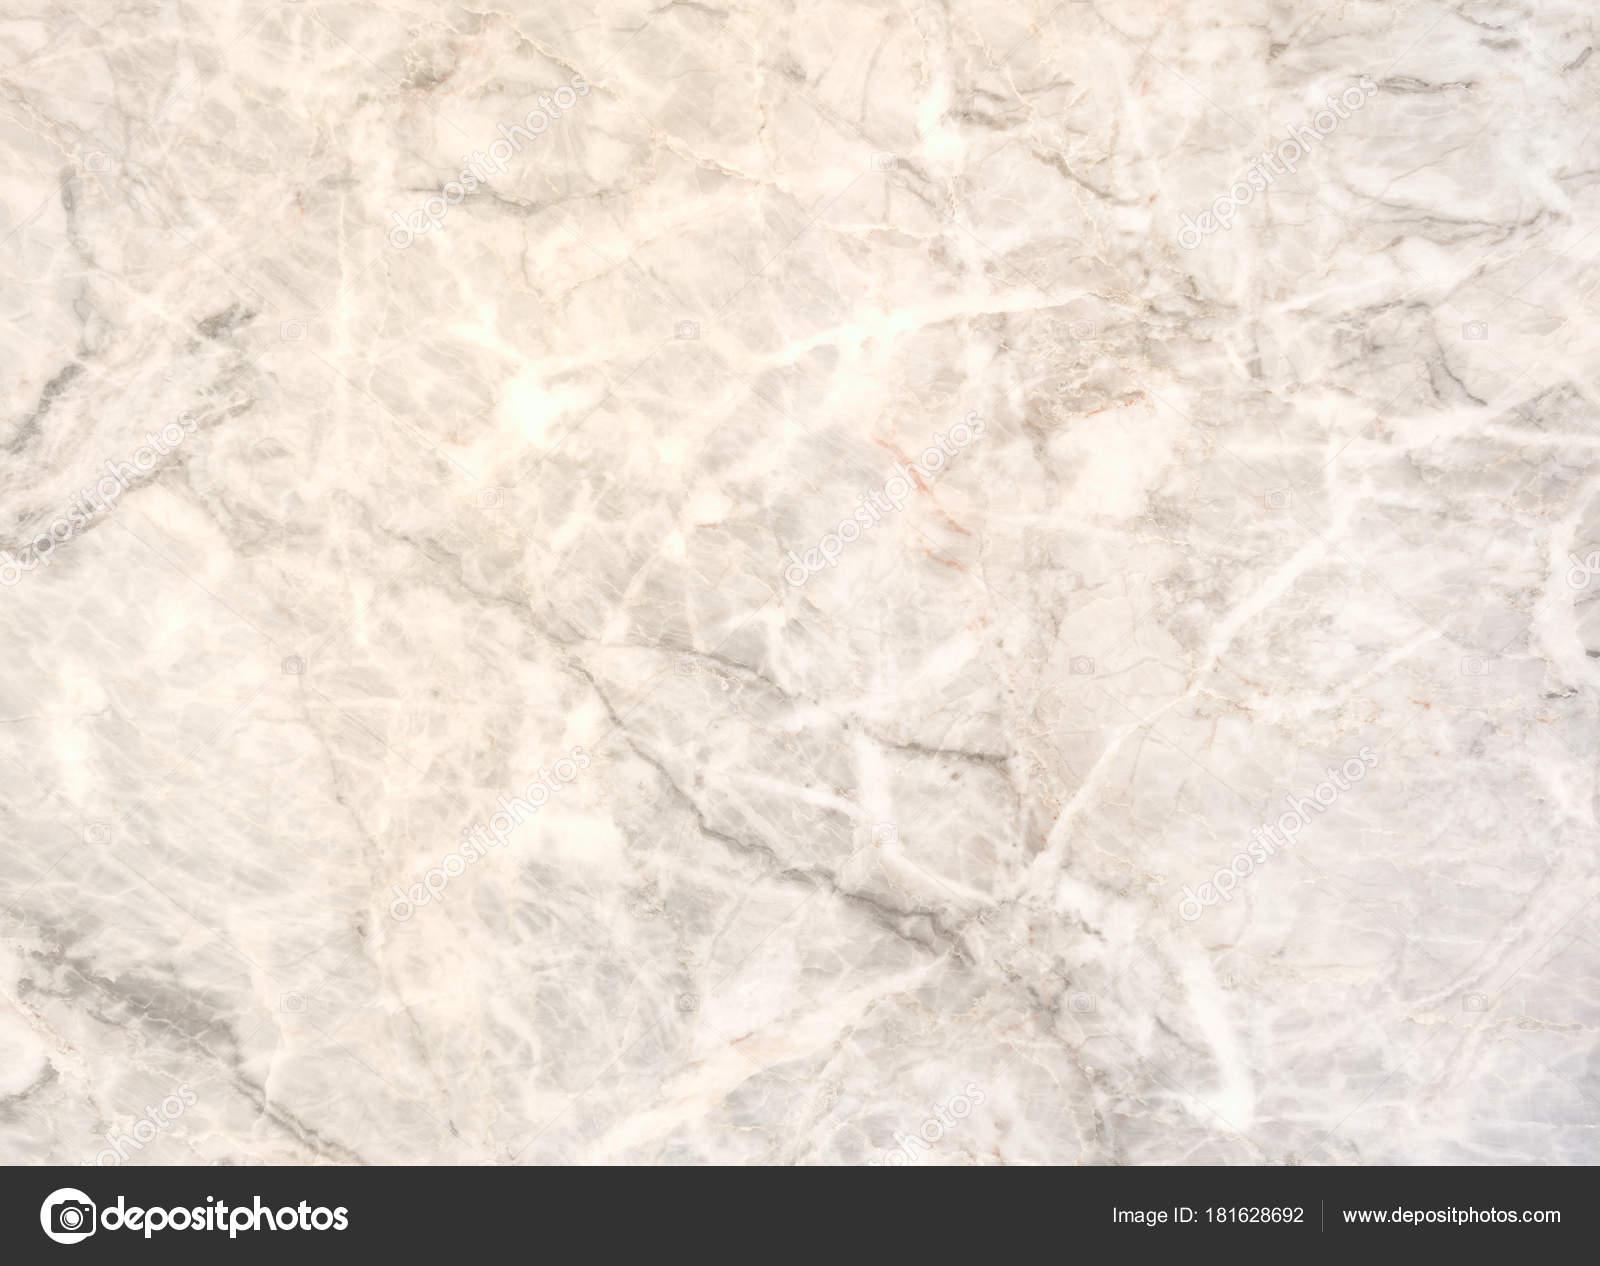 Pietra di marmo beige superficie naturale luce per bagno o cucina ...